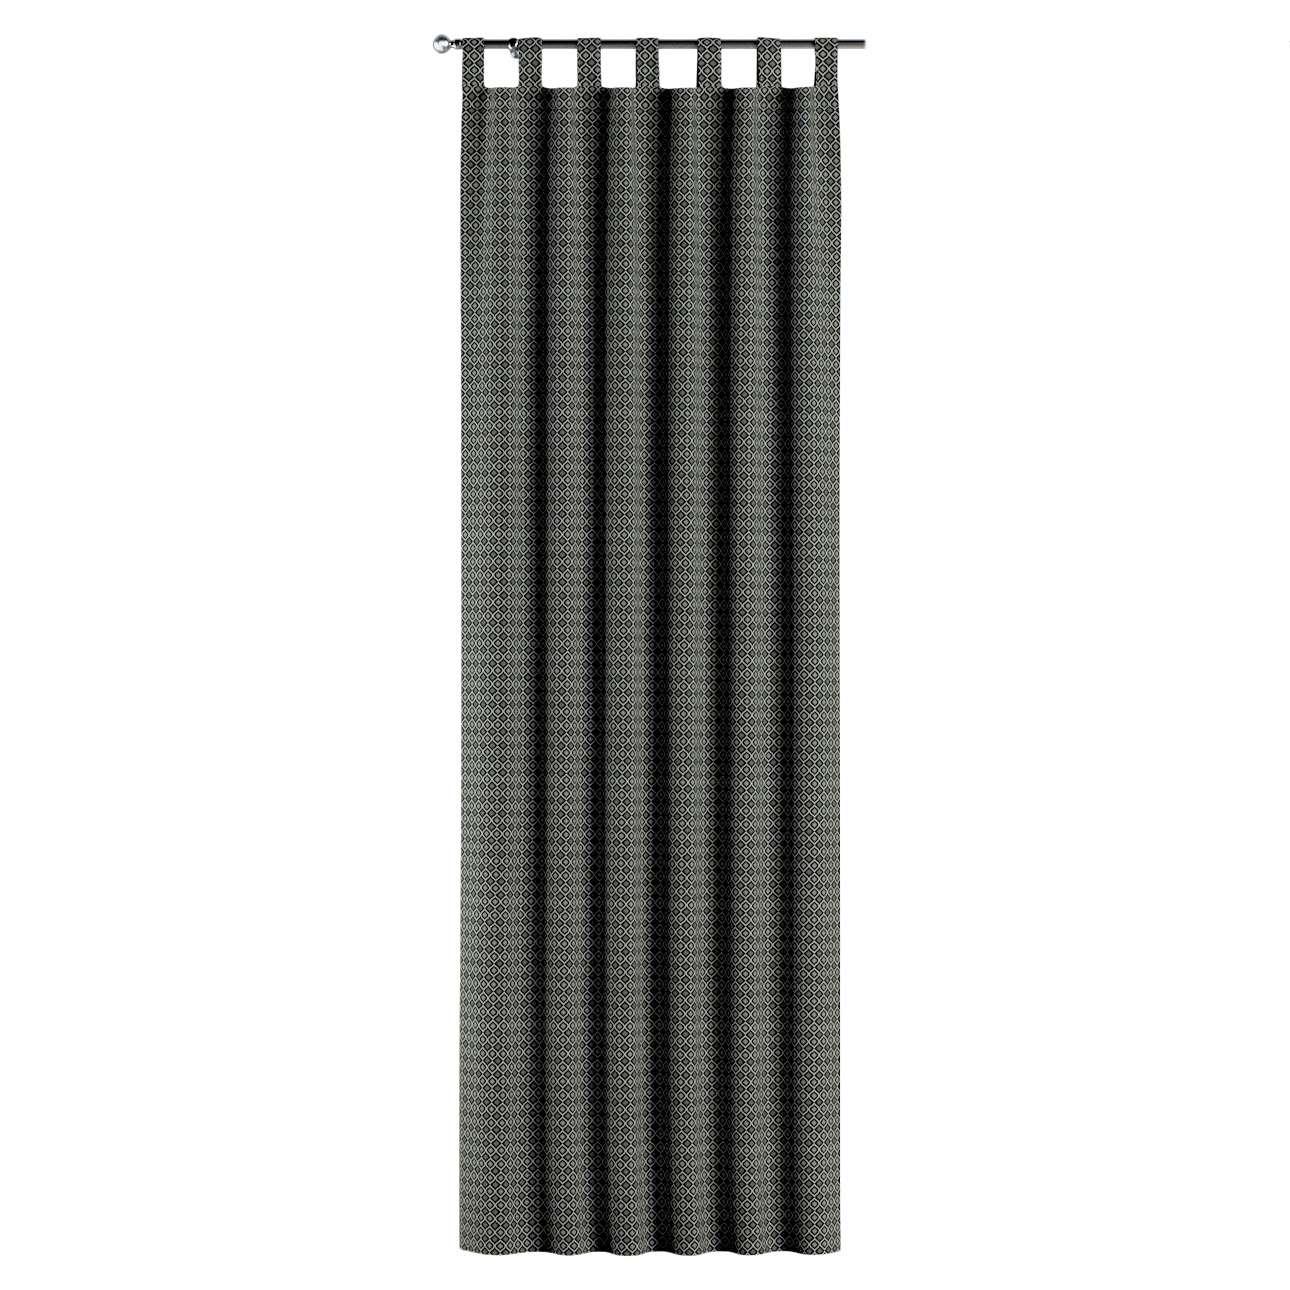 Füles függöny a kollekcióból Black & White szövet, Dekoranyag: 142-86